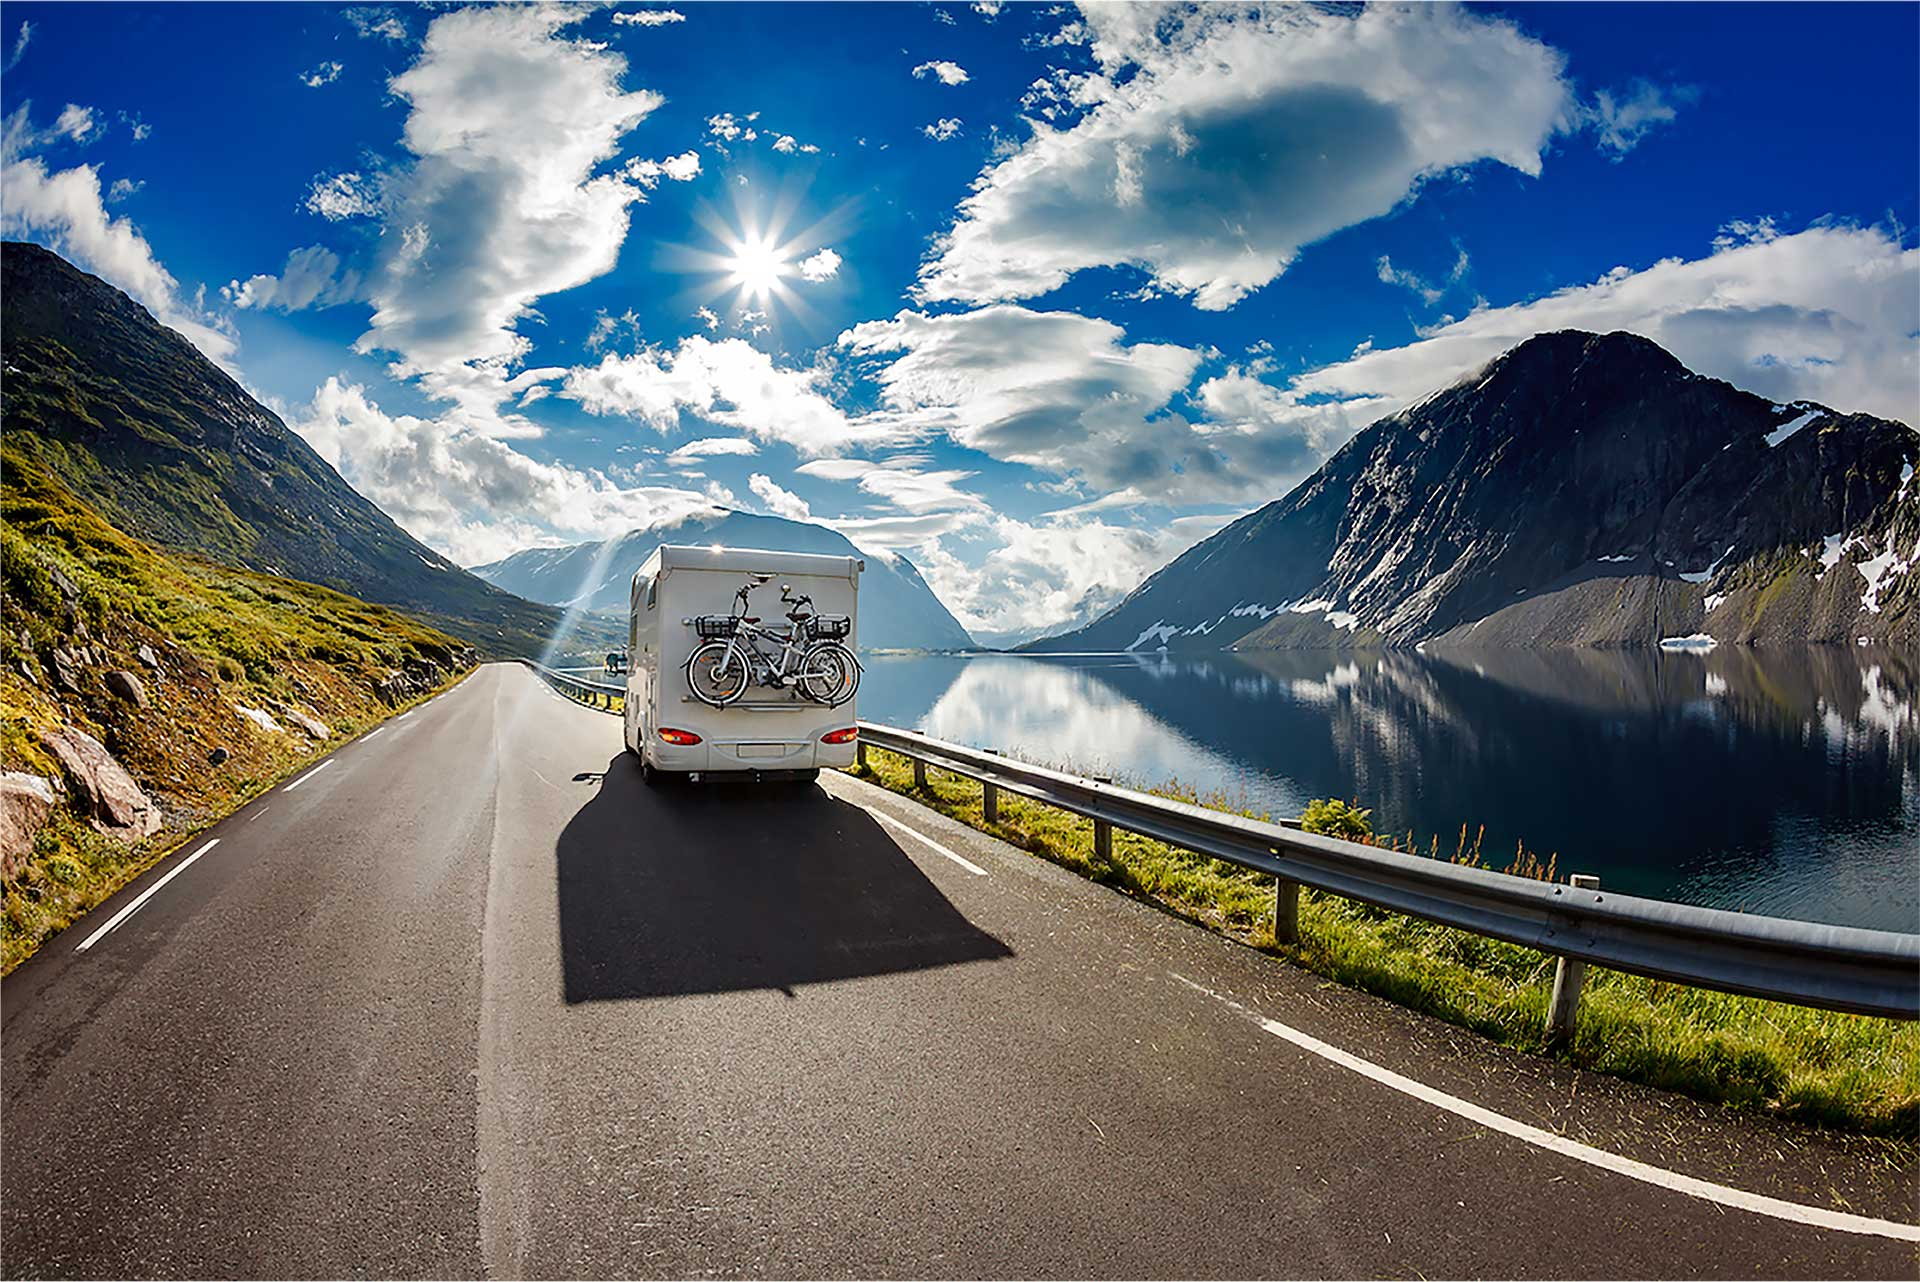 Caravane rimouski footer img